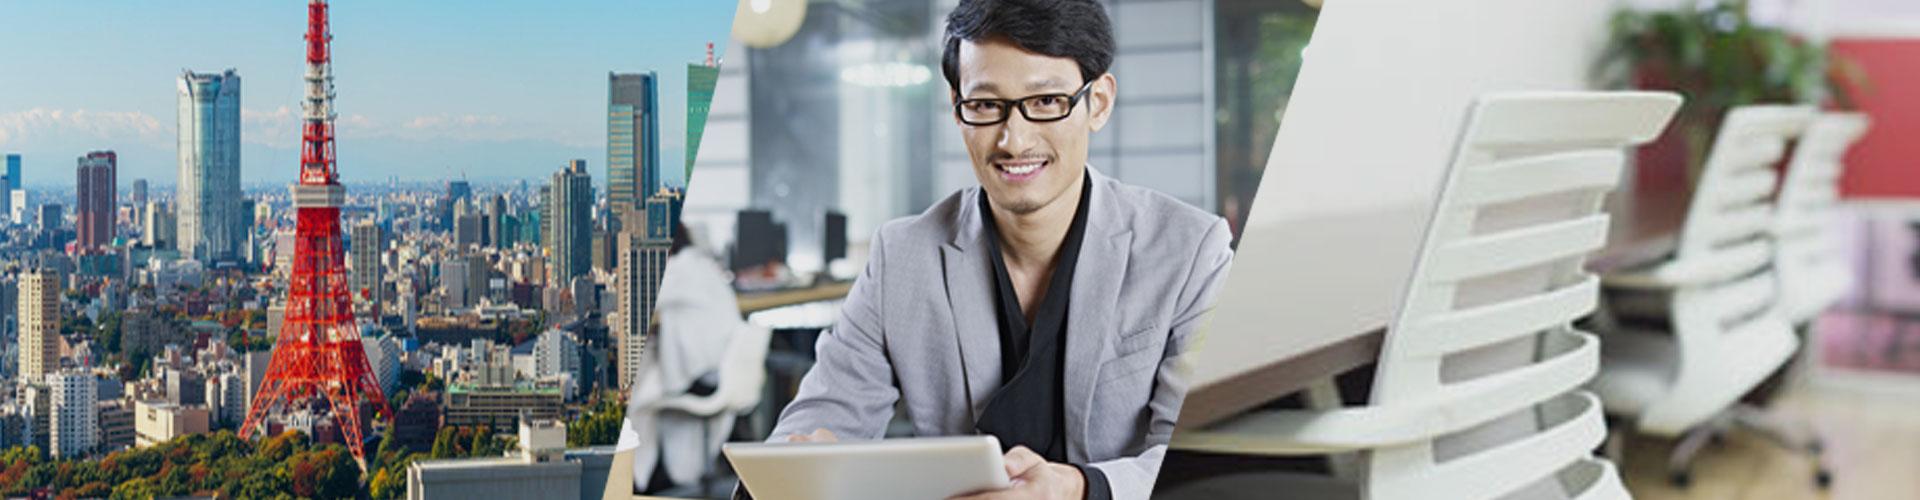 東京の街並み、バーチャルオフィスを利用してオシャレな喫茶店で仕事をする男性